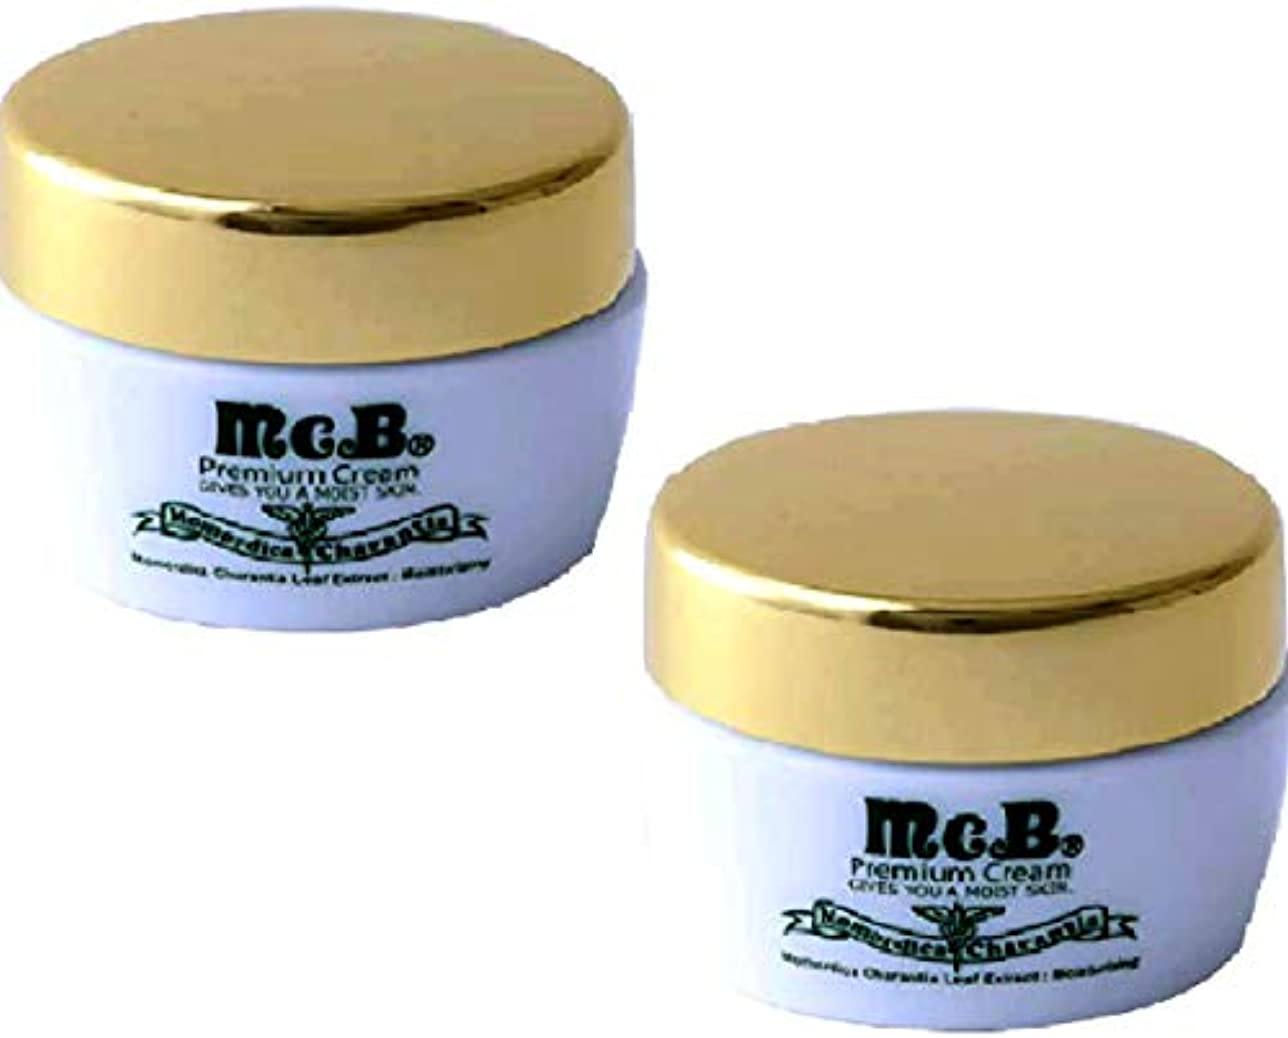 枯渇するおなかがすいた音声学McB マックビー プレミアム クリーム Premium Cream 2個 セット 正規代理店